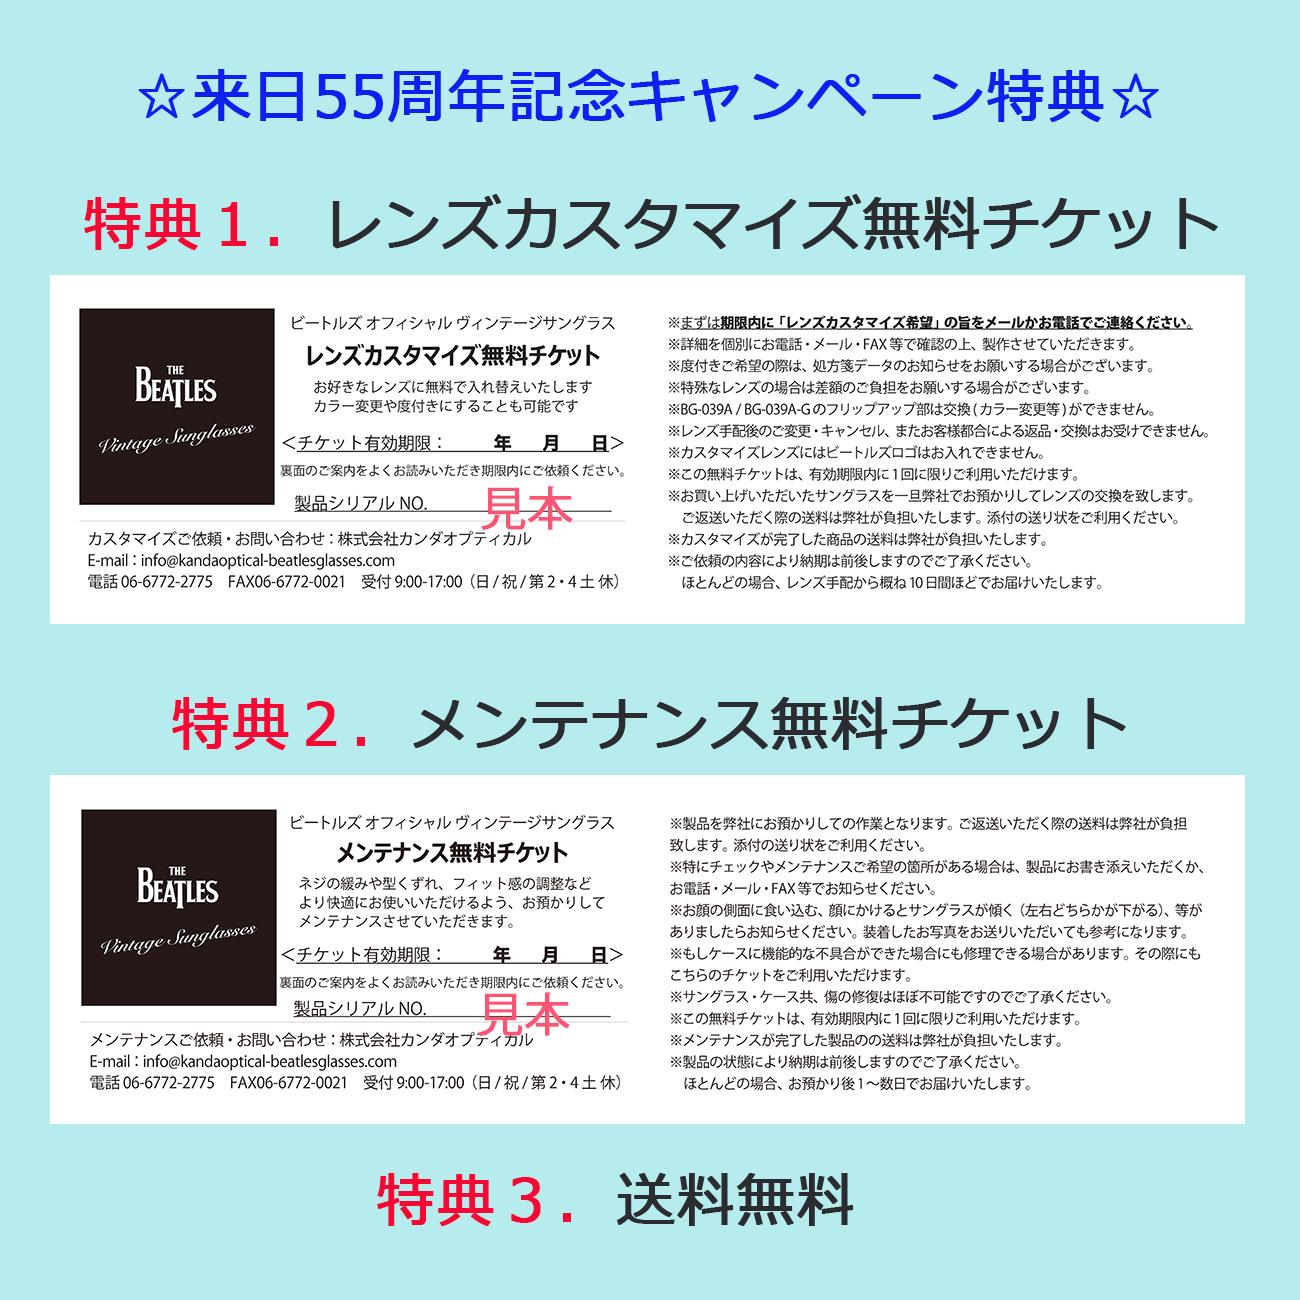 7/15販売開始!BG-KG17★来日55周年記念キャンペーン★特典付